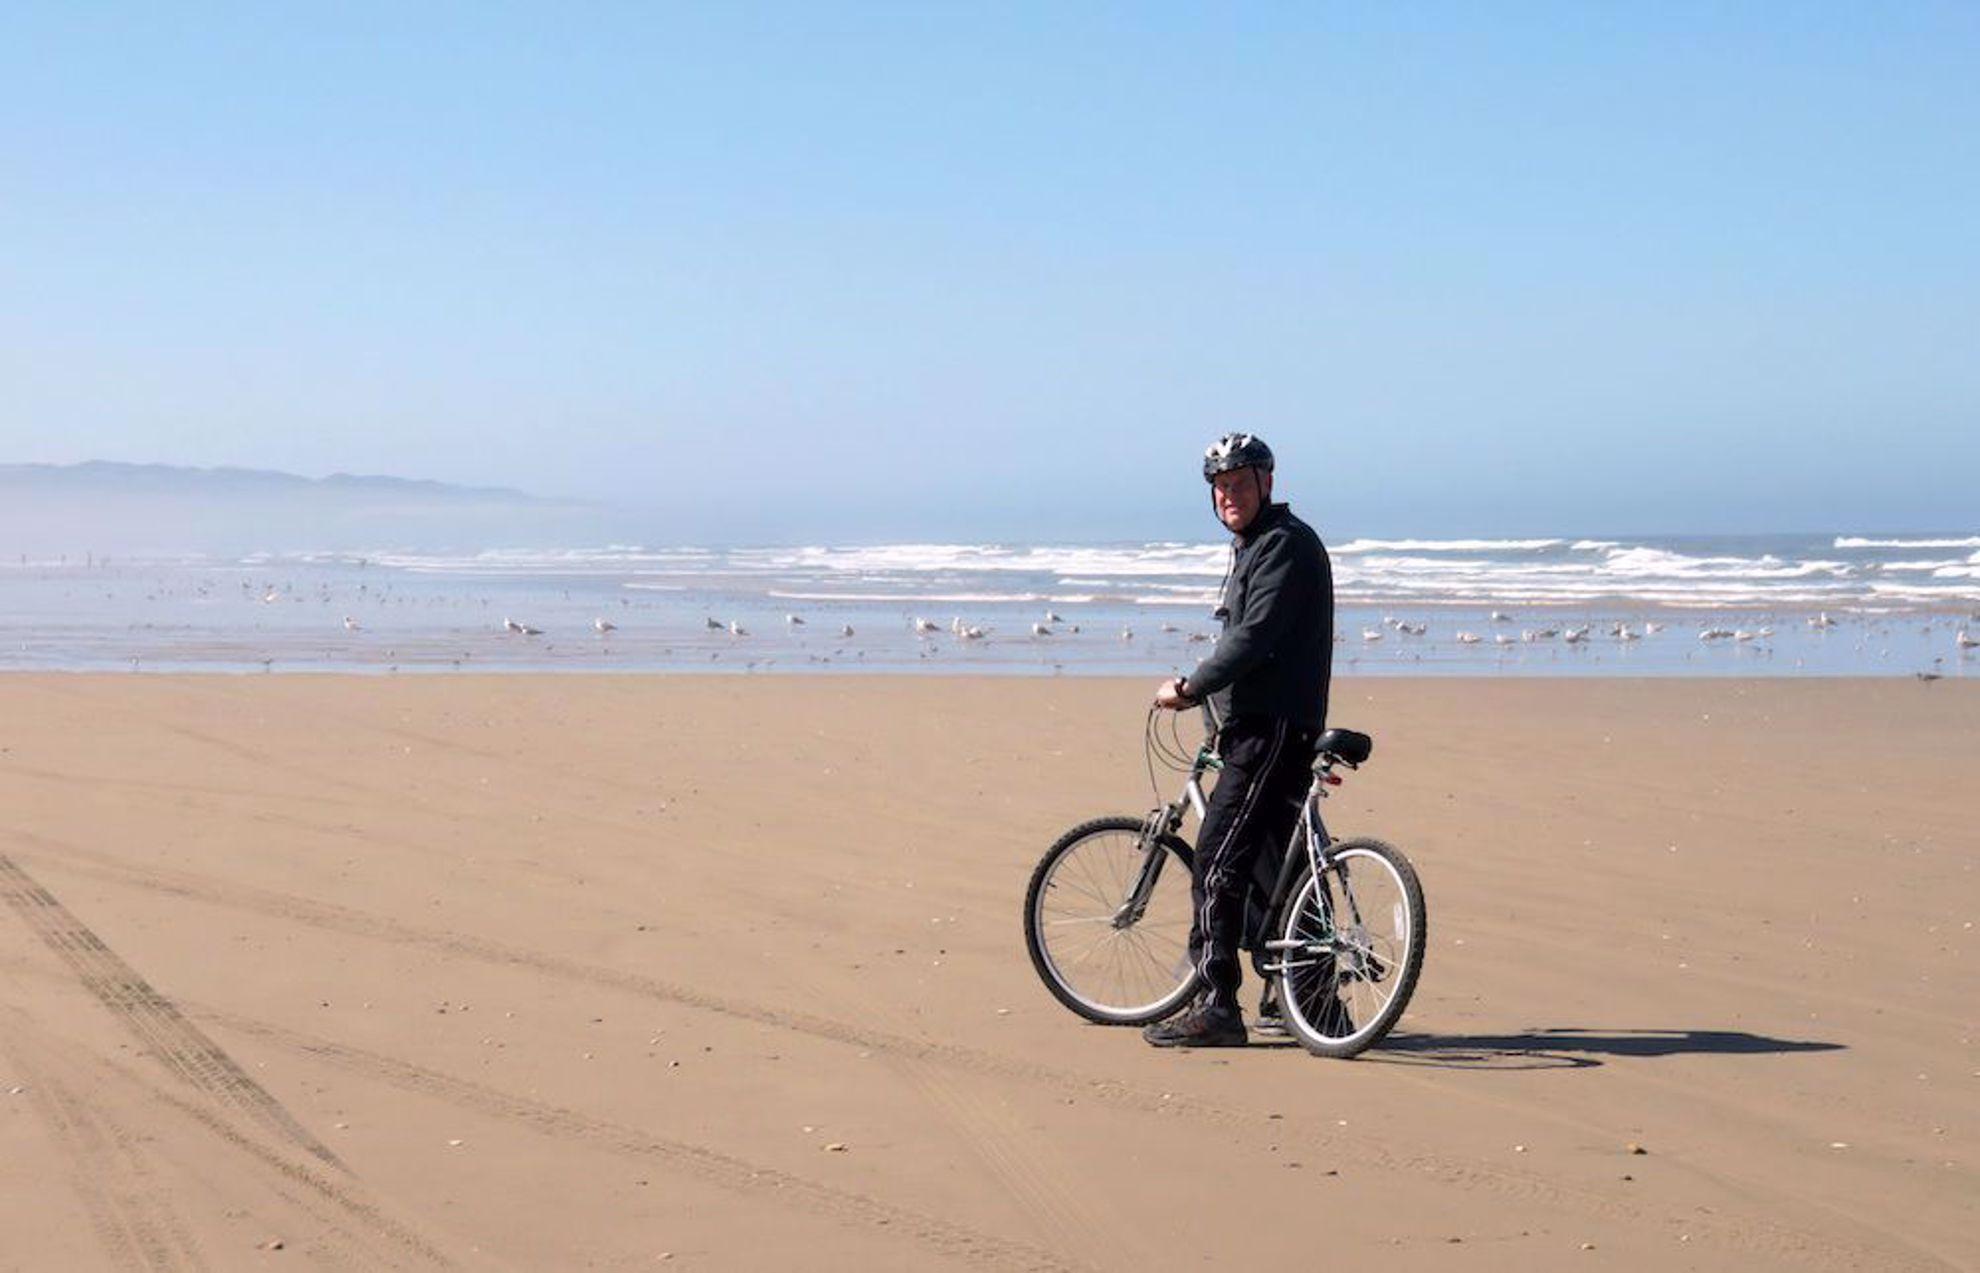 Bike on Pismo beach